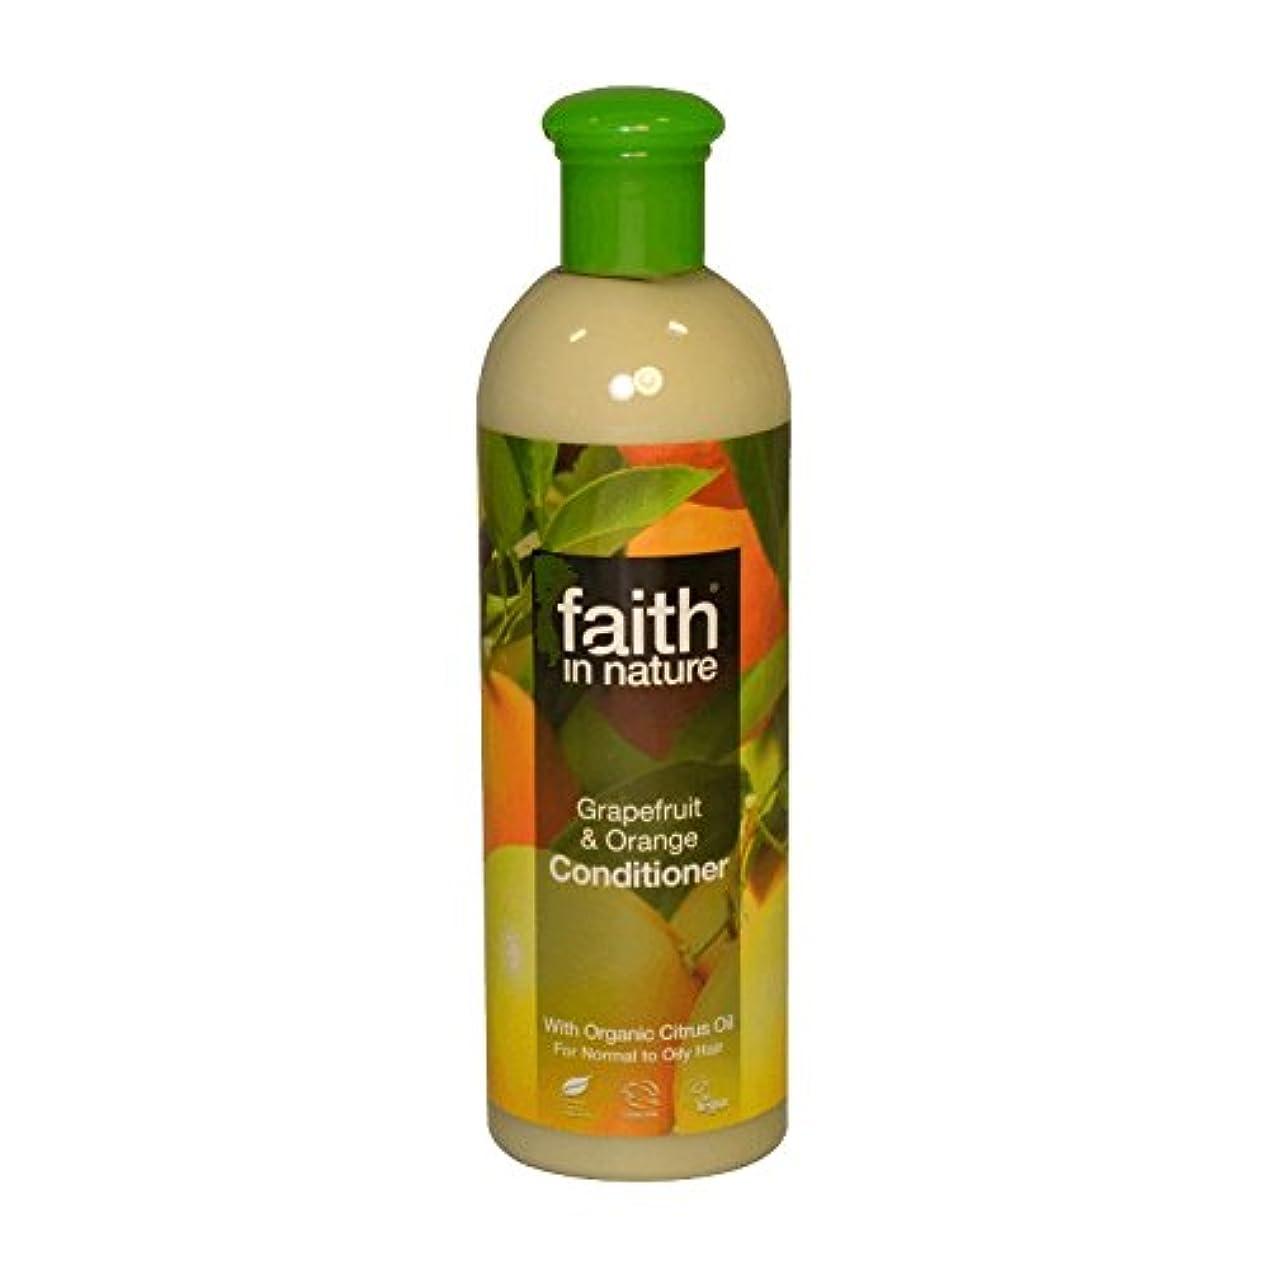 熟達うまくやる()豊富自然グレープフルーツ&オレンジコンディショナー400ミリリットルの信仰 - Faith in Nature Grapefruit & Orange Conditioner 400ml (Faith in Nature) [並行輸入品]